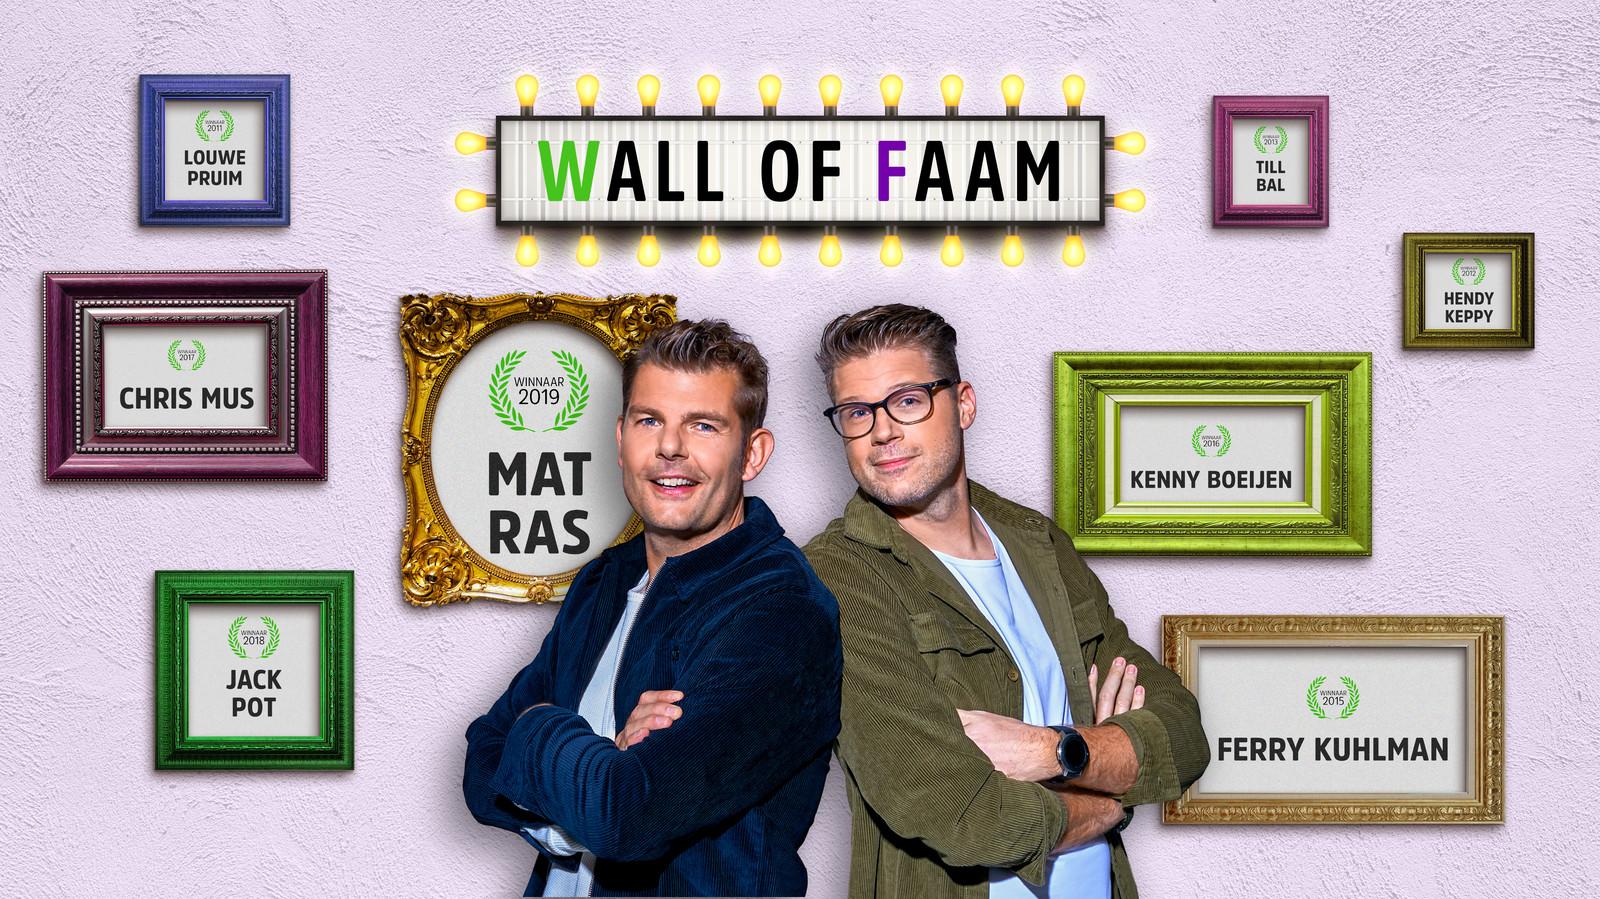 Welke naam komt vandaag ook op de Wall of Faam? De Faamnaam is een gouden onderdeel van de Coen en Sander Show op Radio 538.